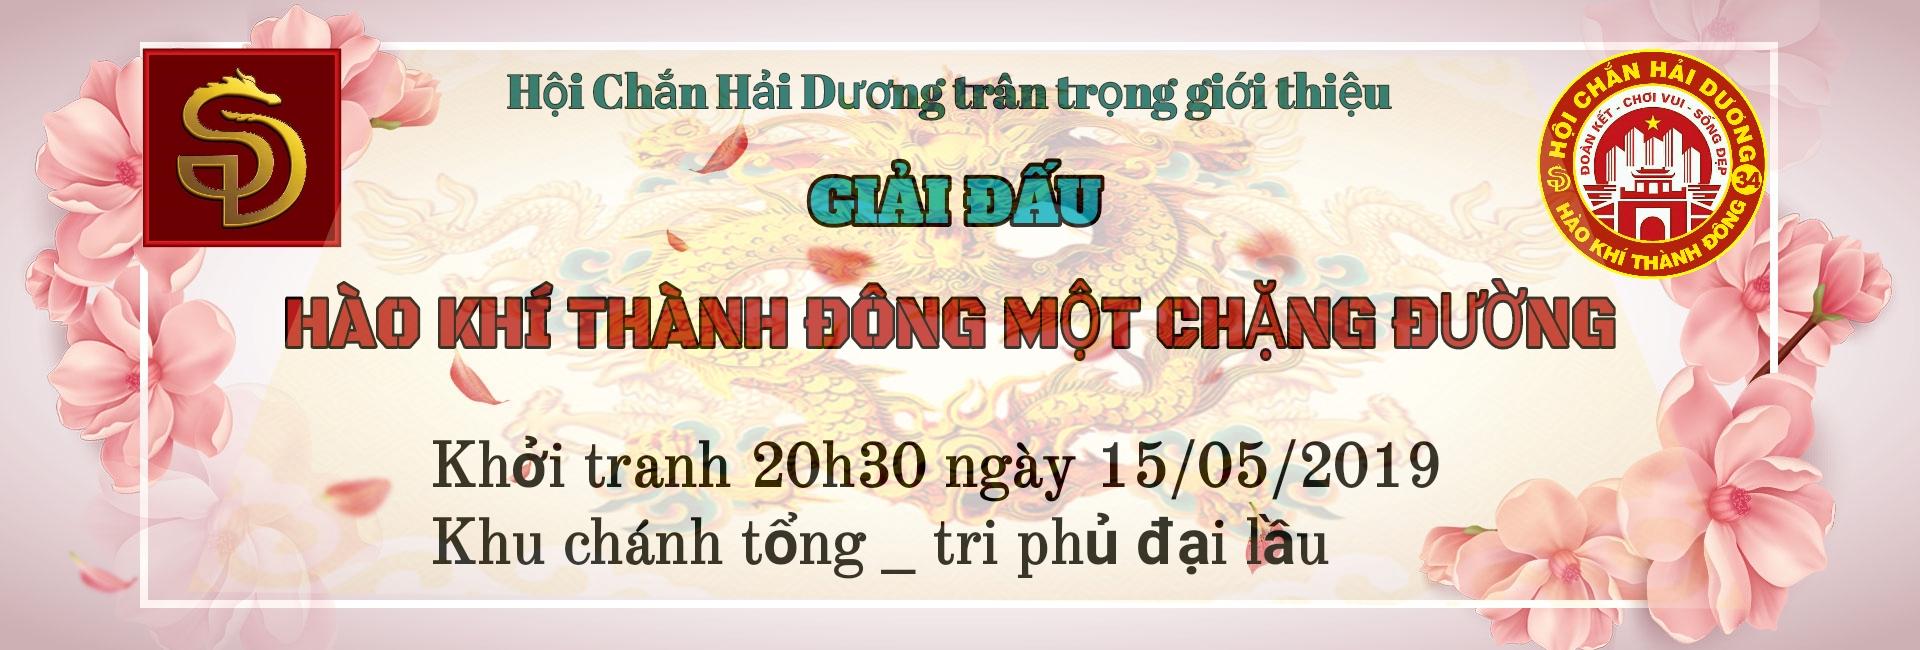 AddText_05-02-12.47.16.JPEG